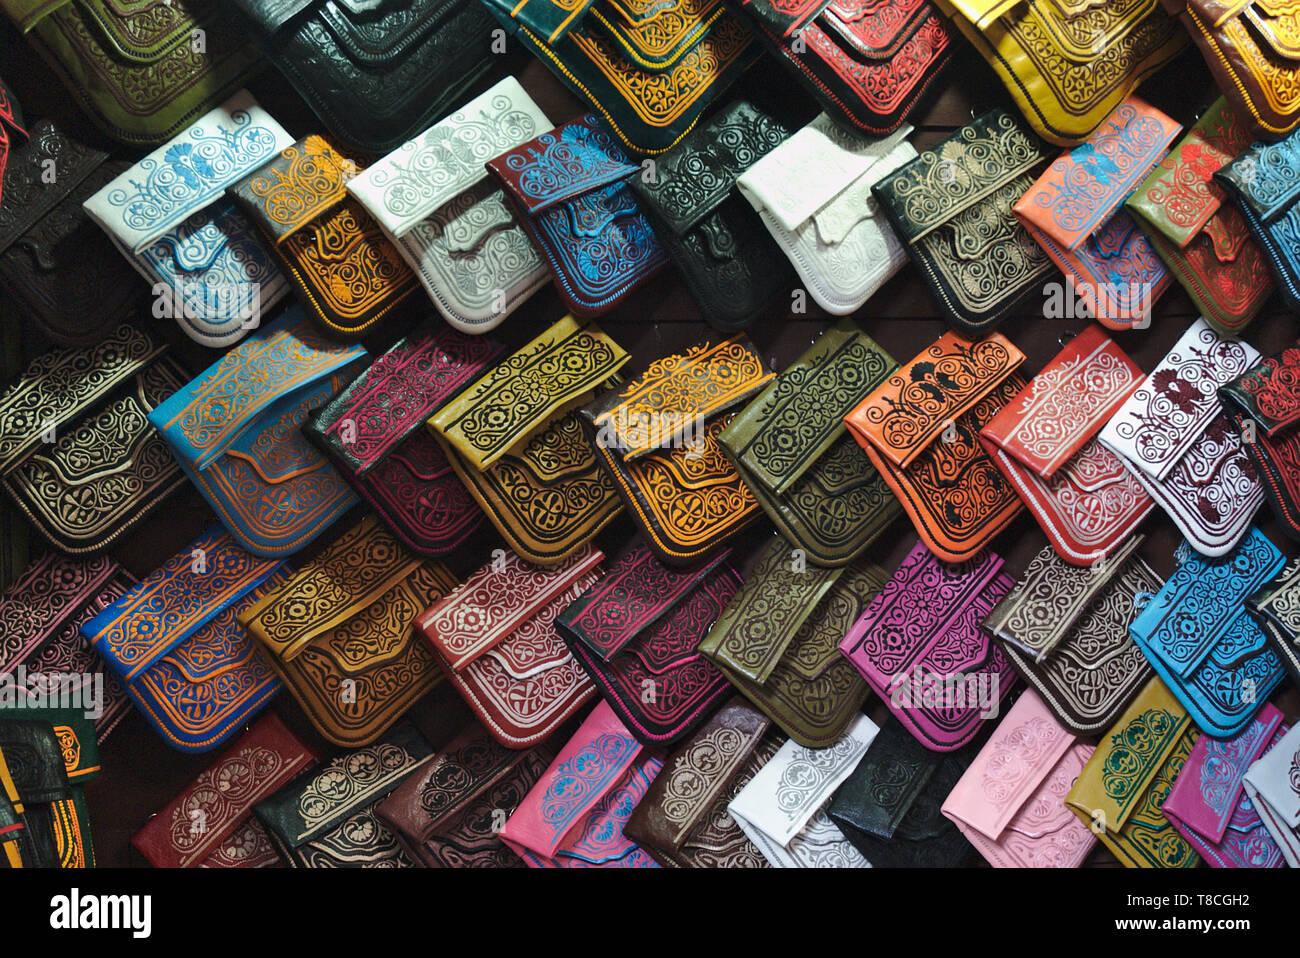 12a06f332e665 Bunte Bunte Handtasche Stockfotos   Bunte Bunte Handtasche Bilder ...